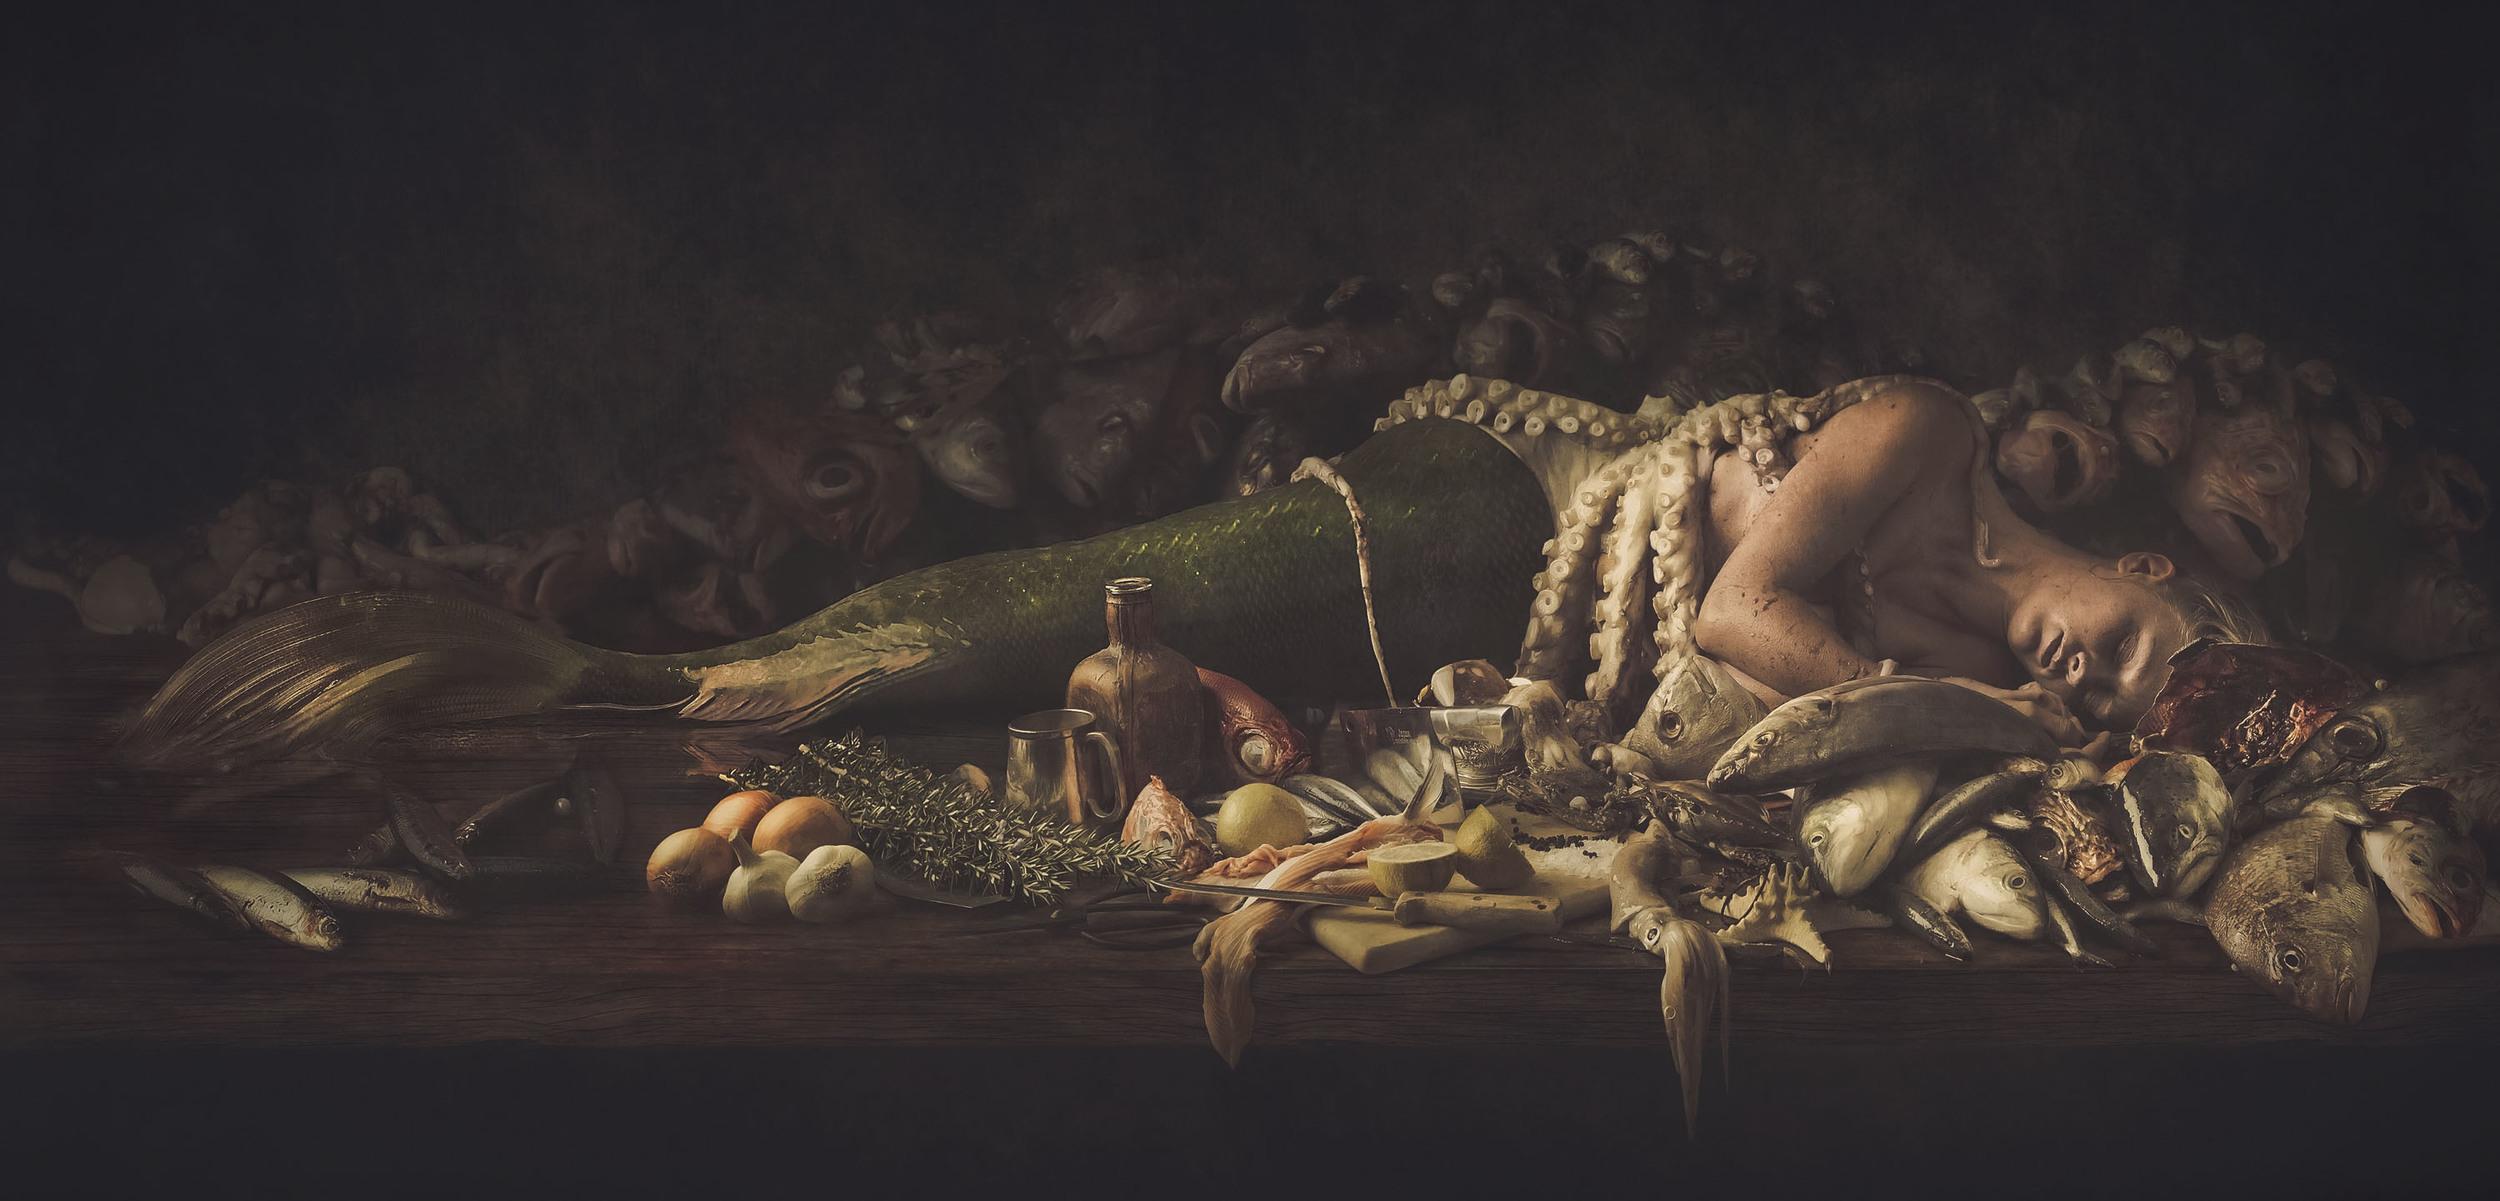 Richard Wood – Illustrative MERMAID photo